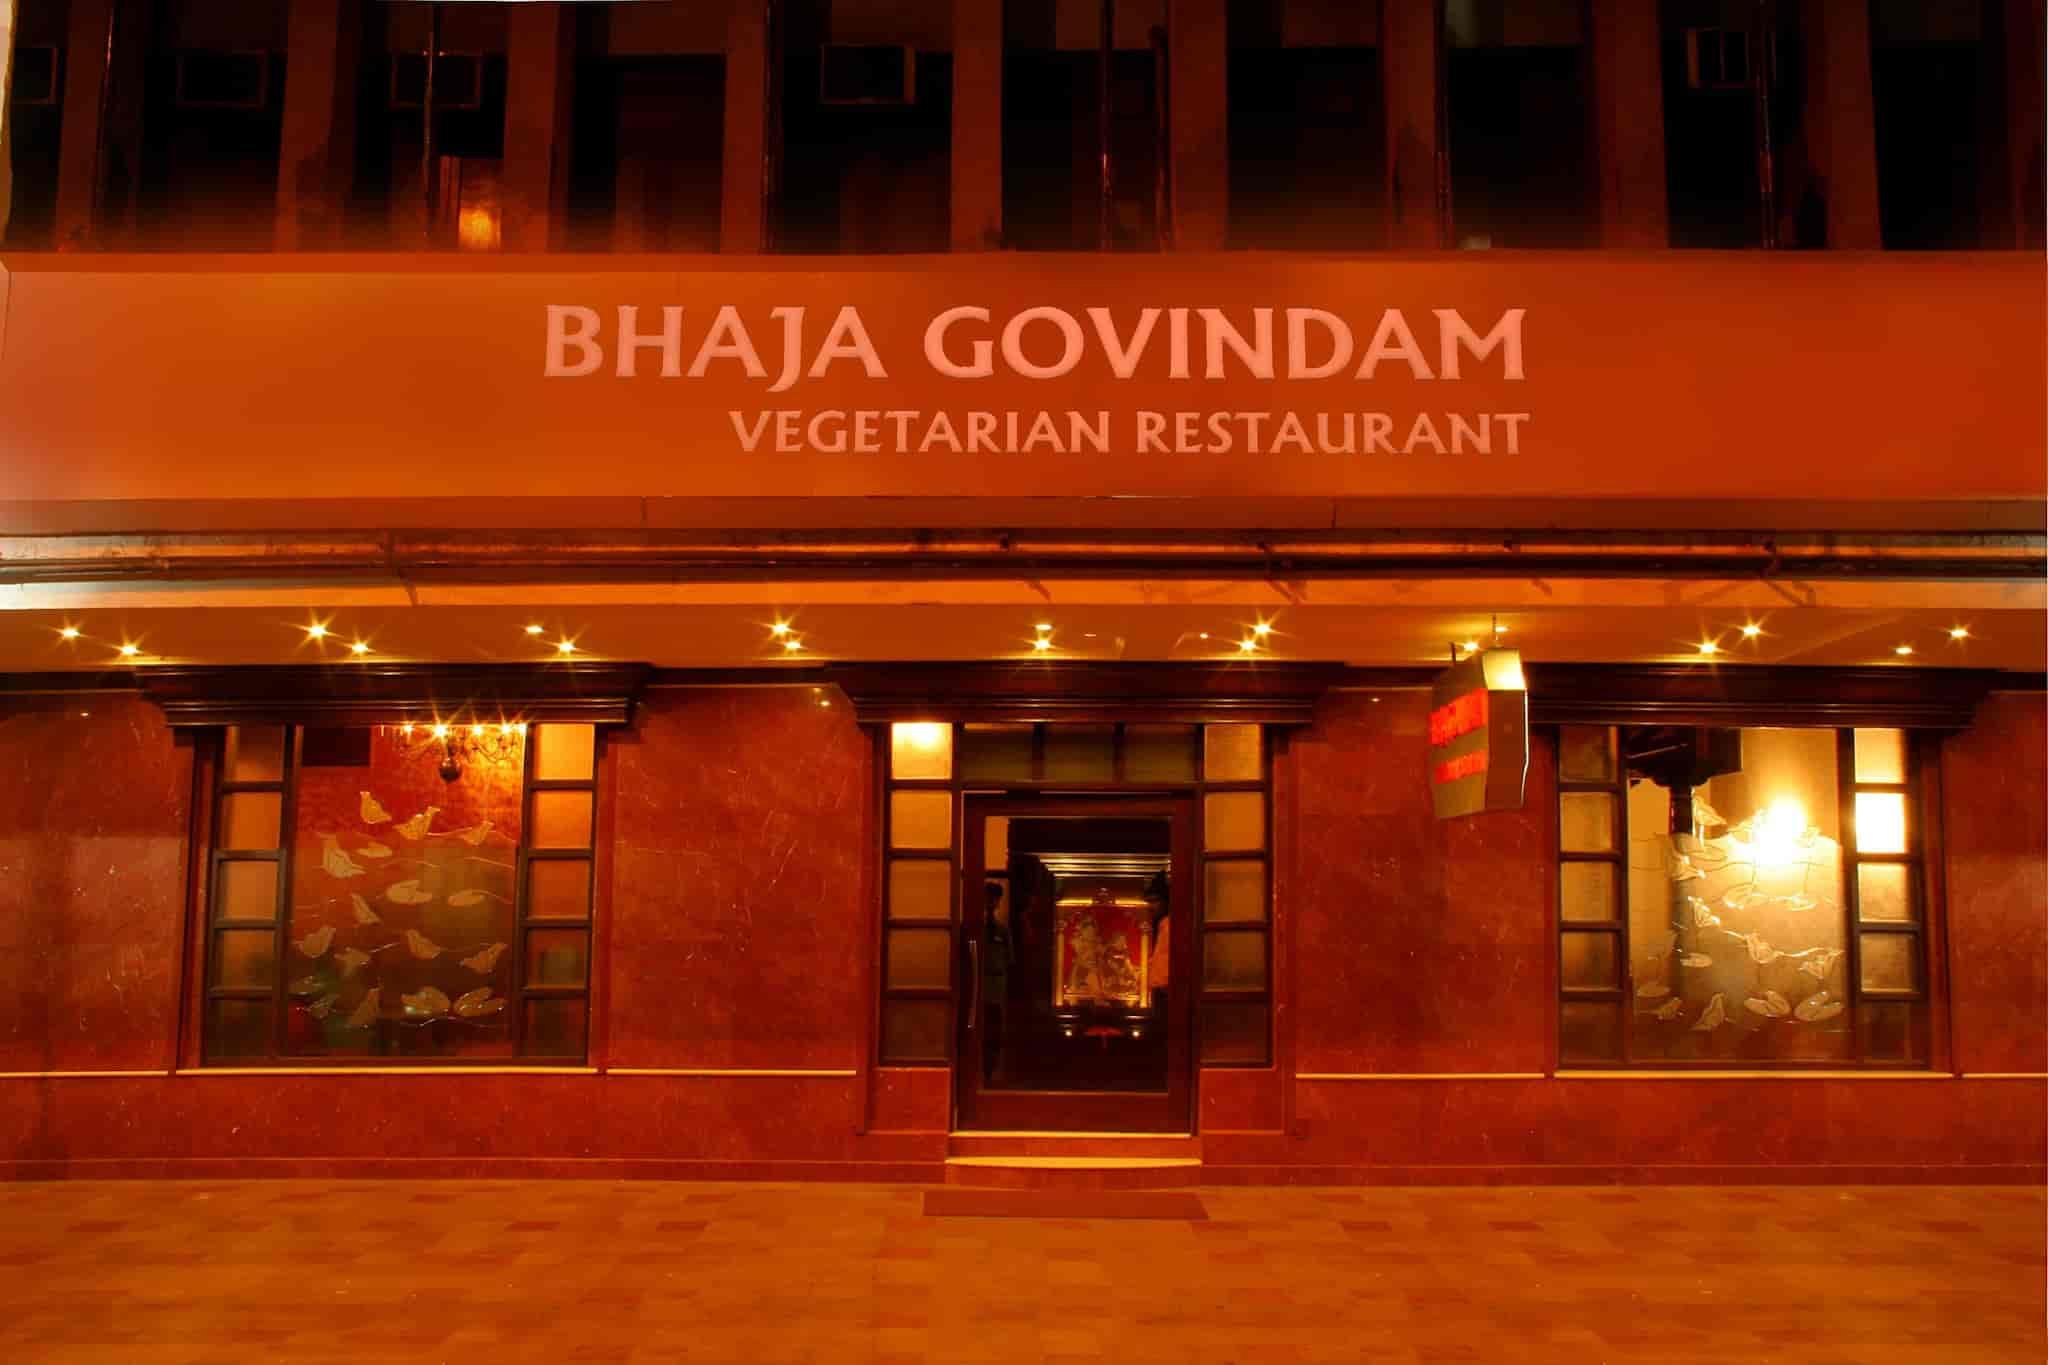 Top 20 Pure Veg Restaurants In Connaught Place Best Veg Restaurants Justdial